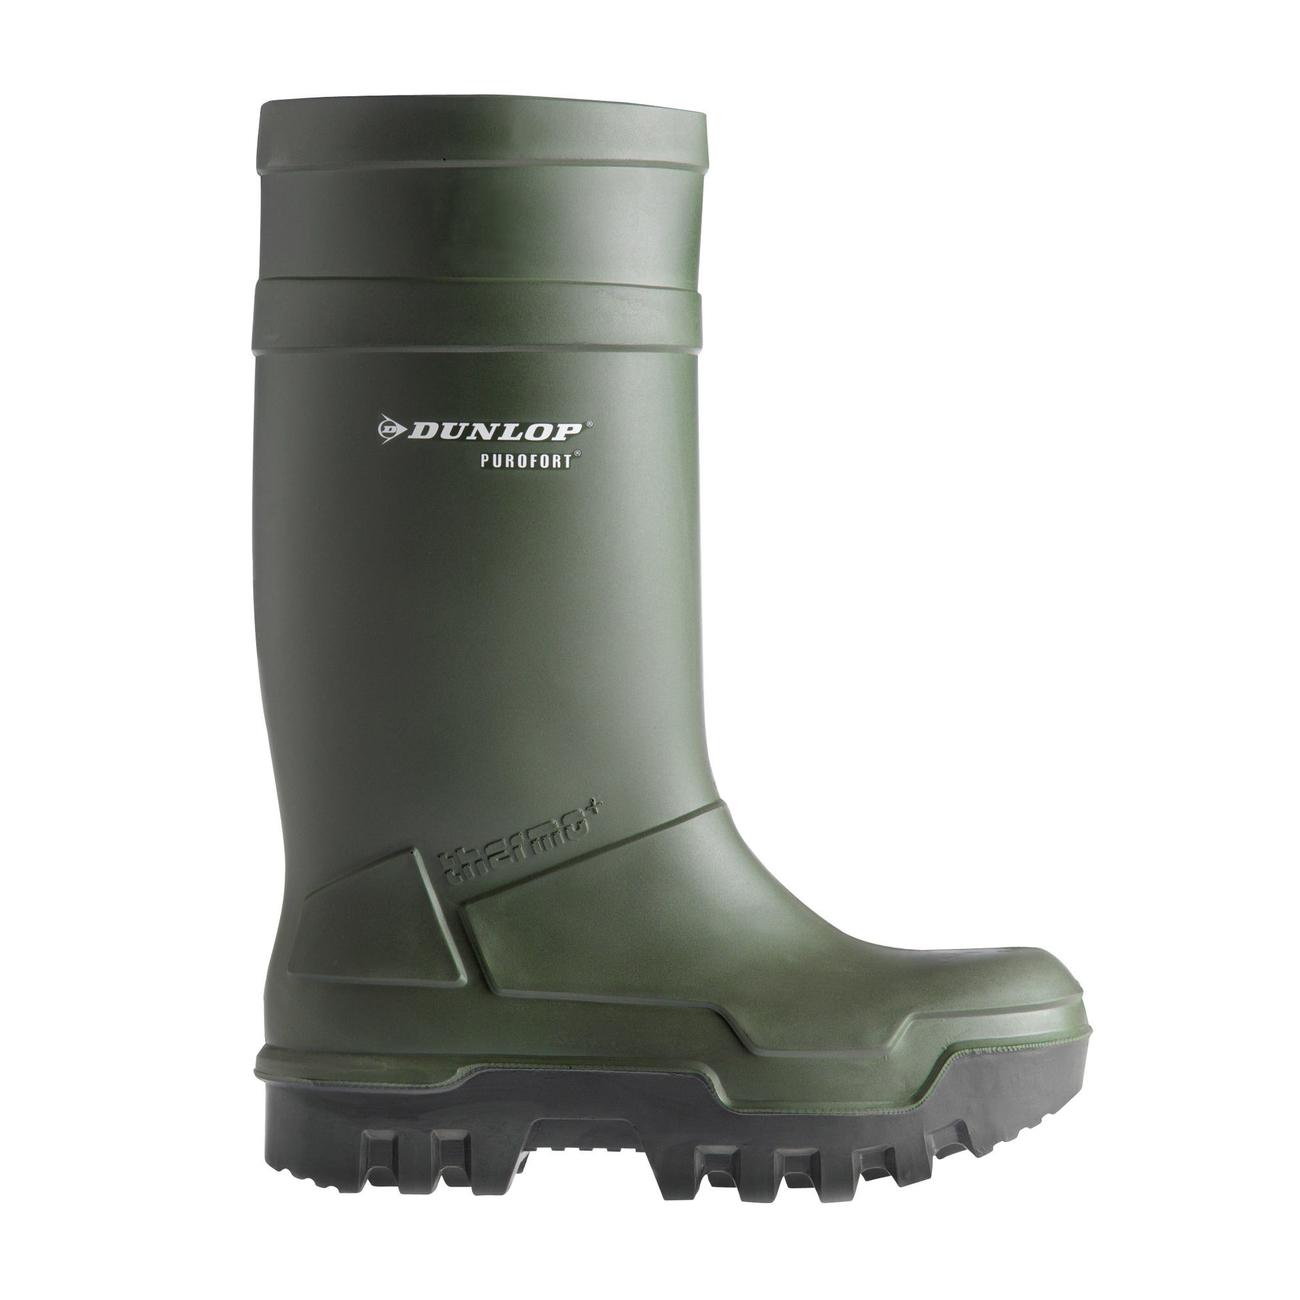 Dunlop Thermostiefel Thermo+ Full Safety Sicherheitsstiefel, Bild 2